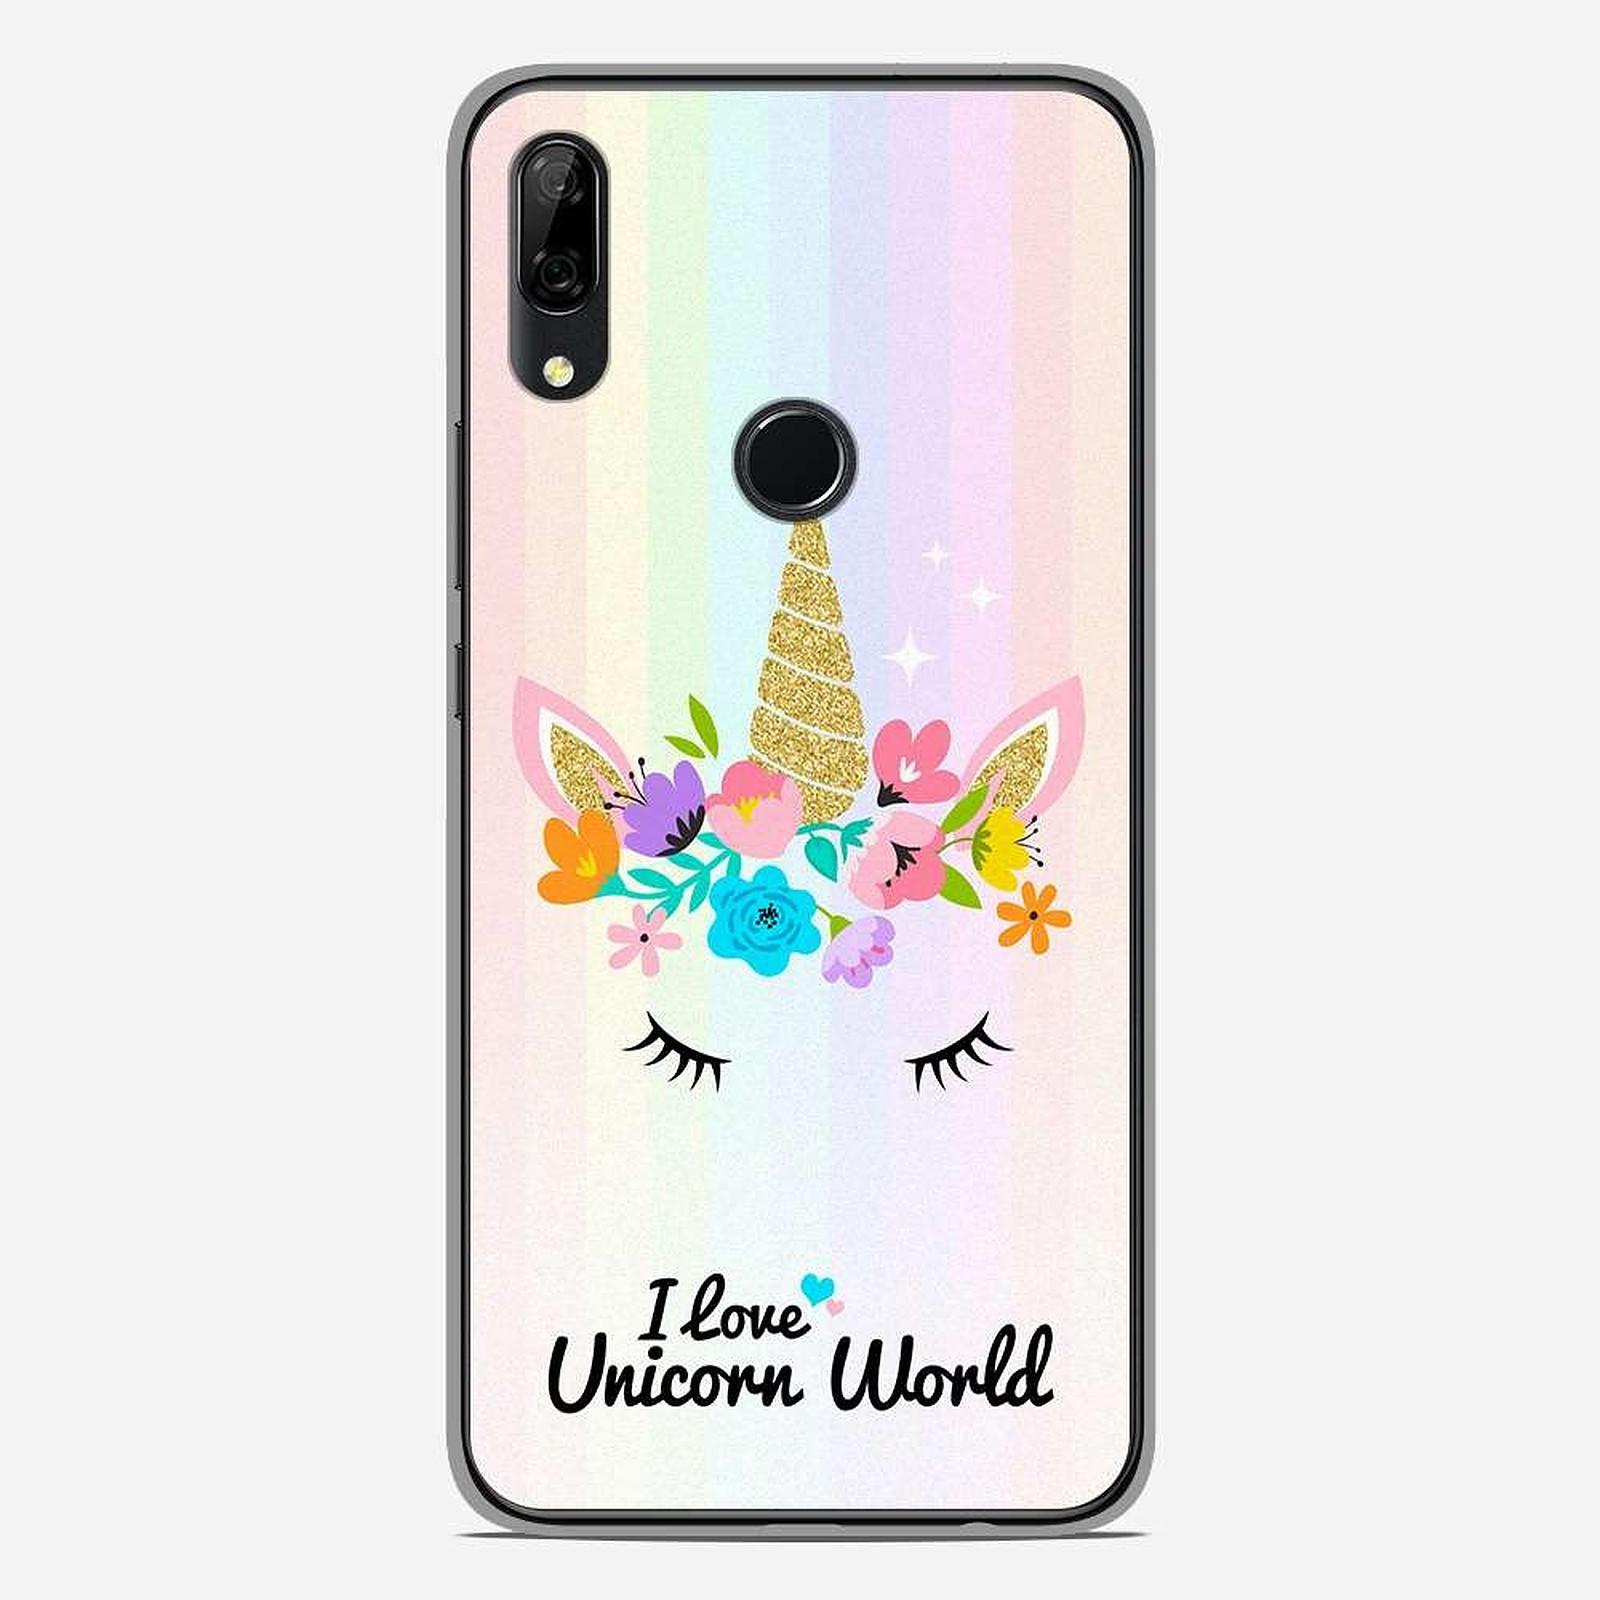 1001 Coques Coque silicone gel Huawei P Smart Z motif Unicorn World